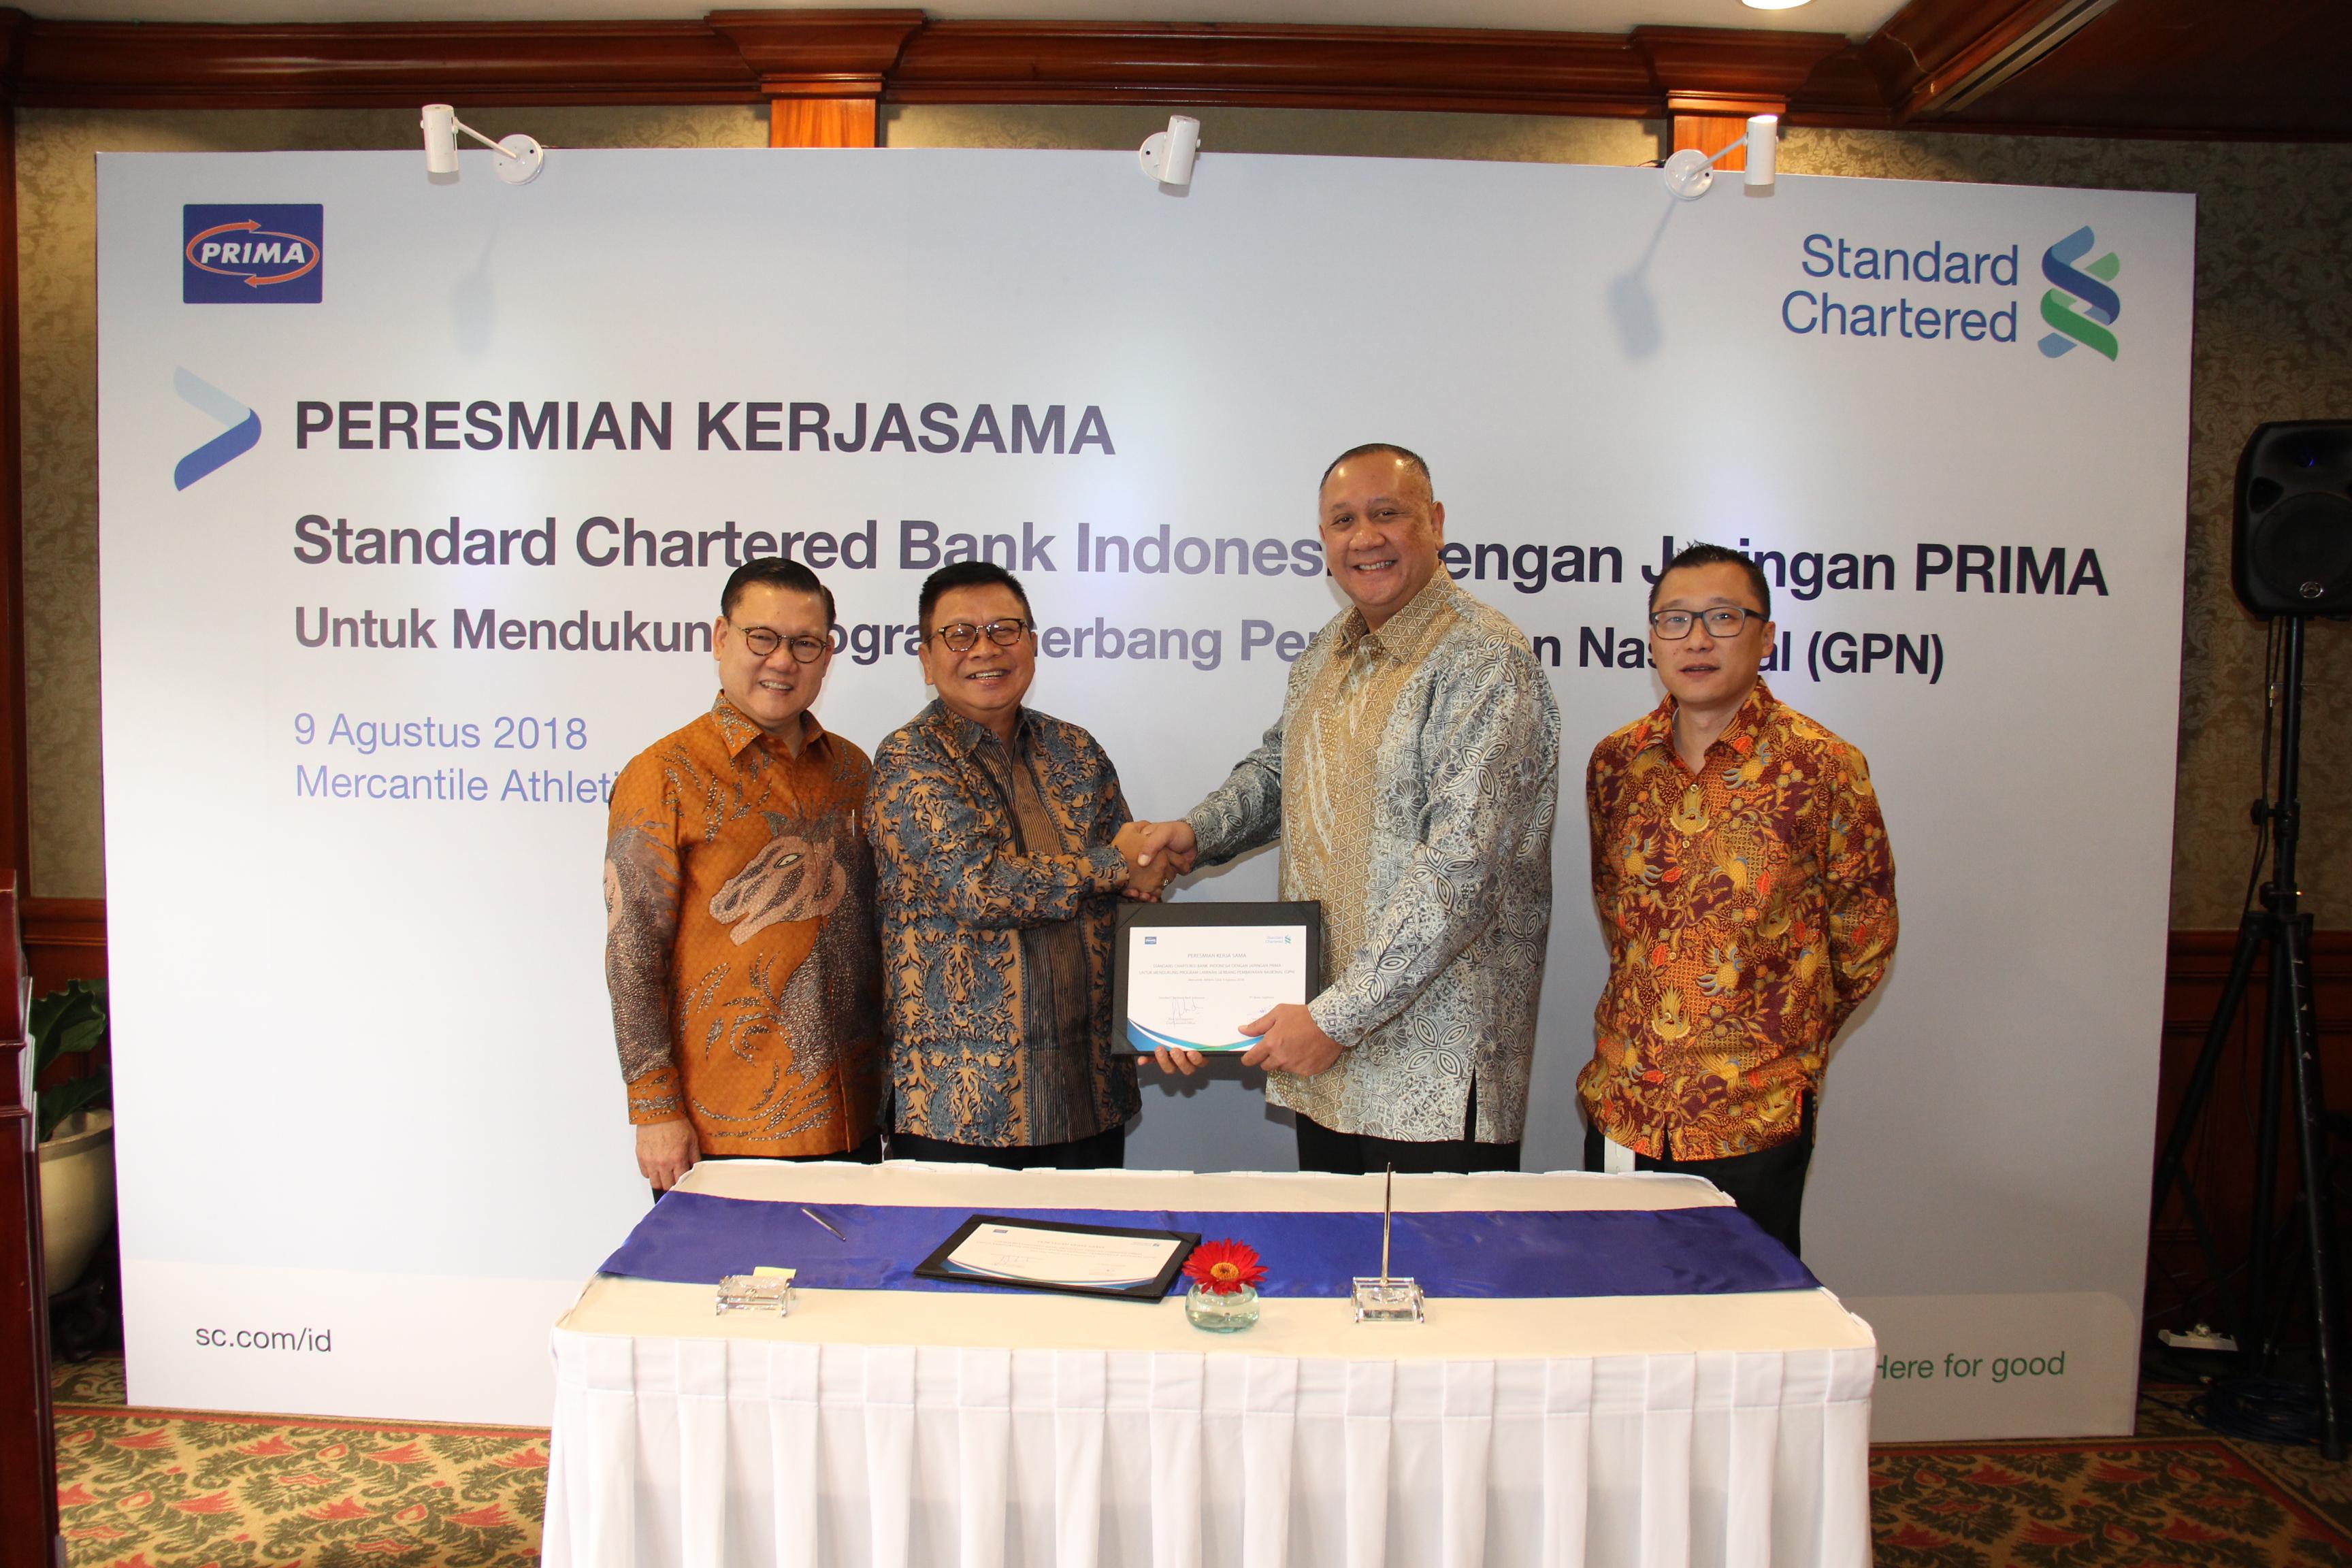 Peresmian Kerja Standard Chartered Bank dalam jaringan PRIMA